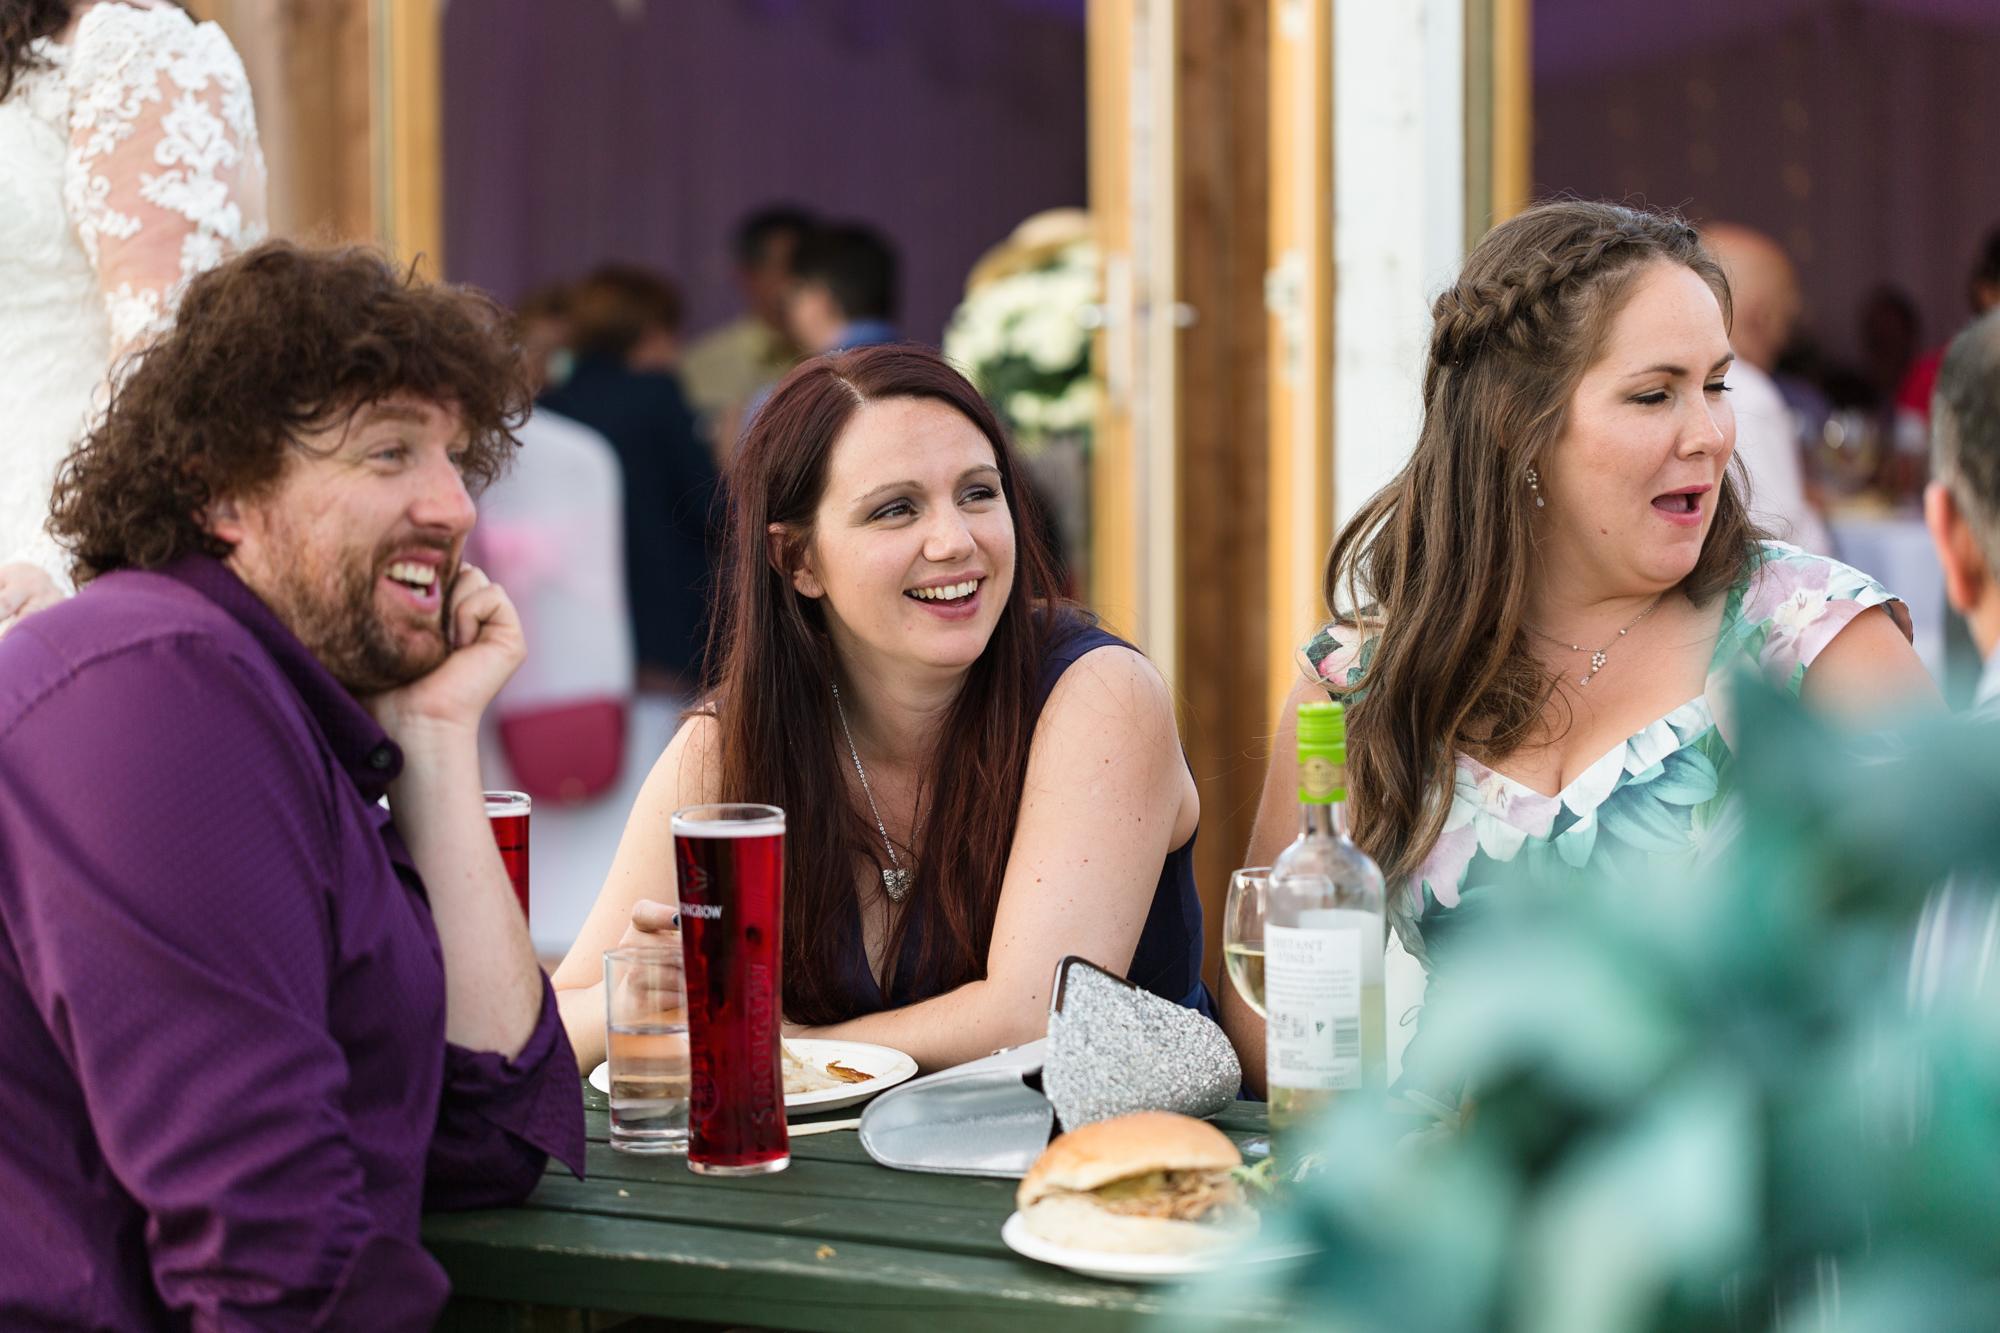 wedding guests at ridgeway golf club, Cardiff